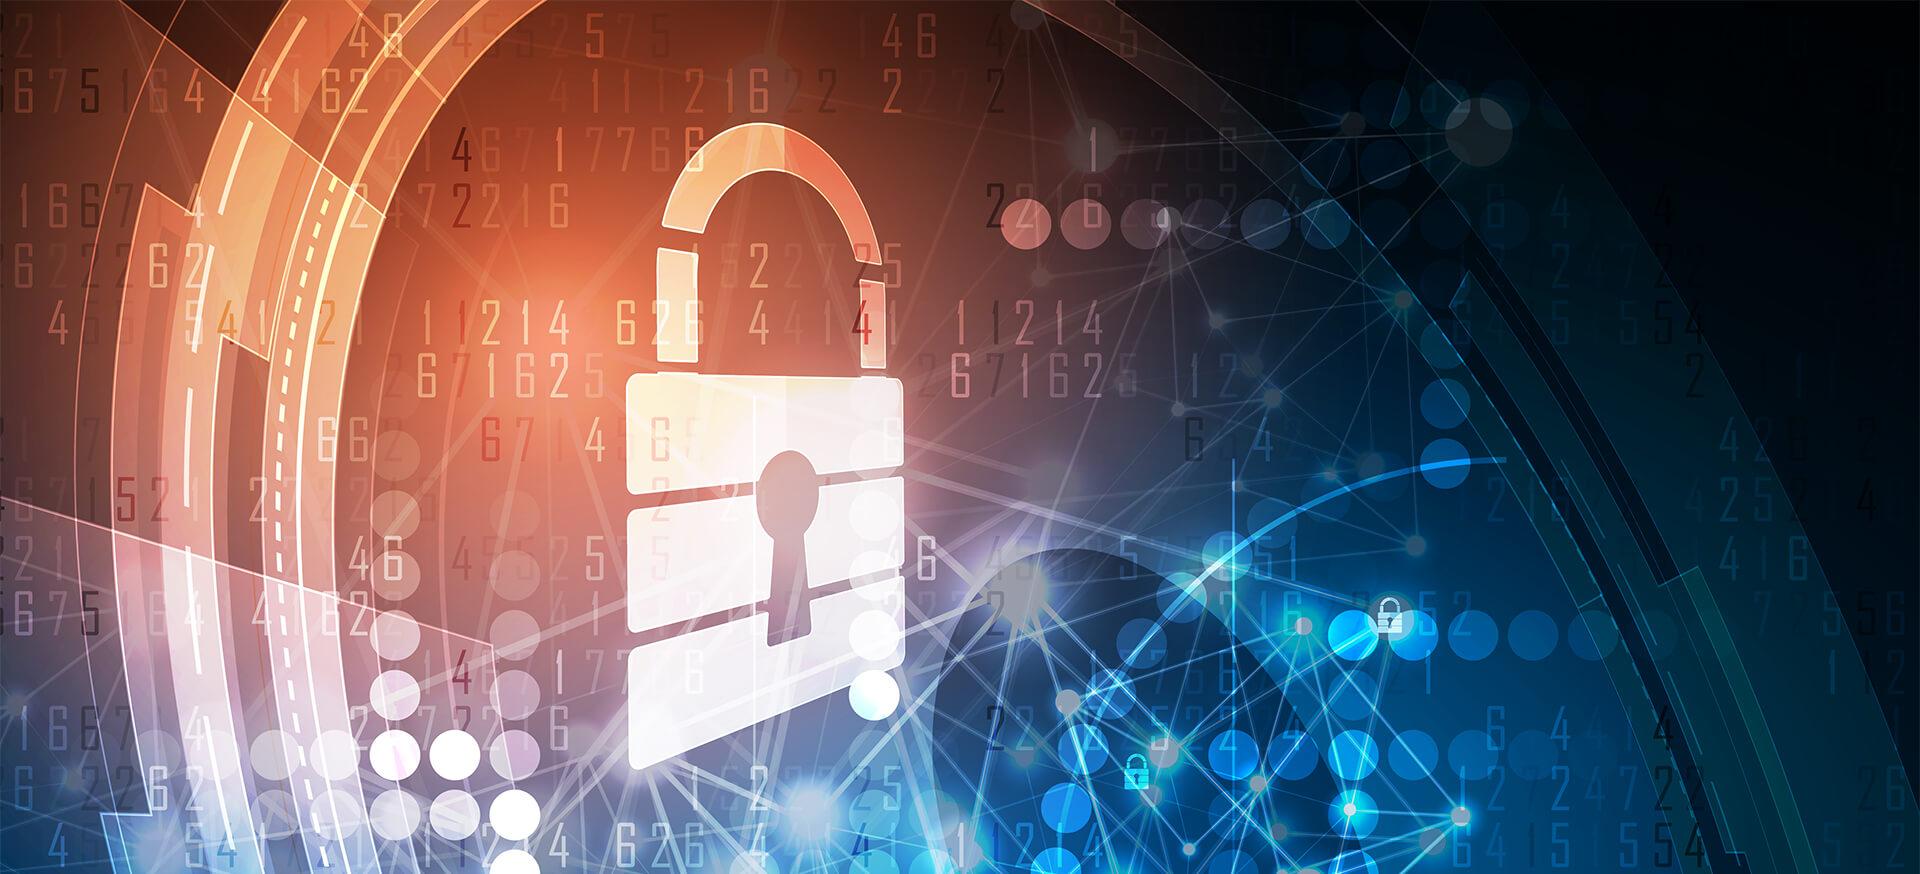 استفاده از گواهی امنیتی یا certificate باعث افزایش اعتماد به برند شما خواهد شد